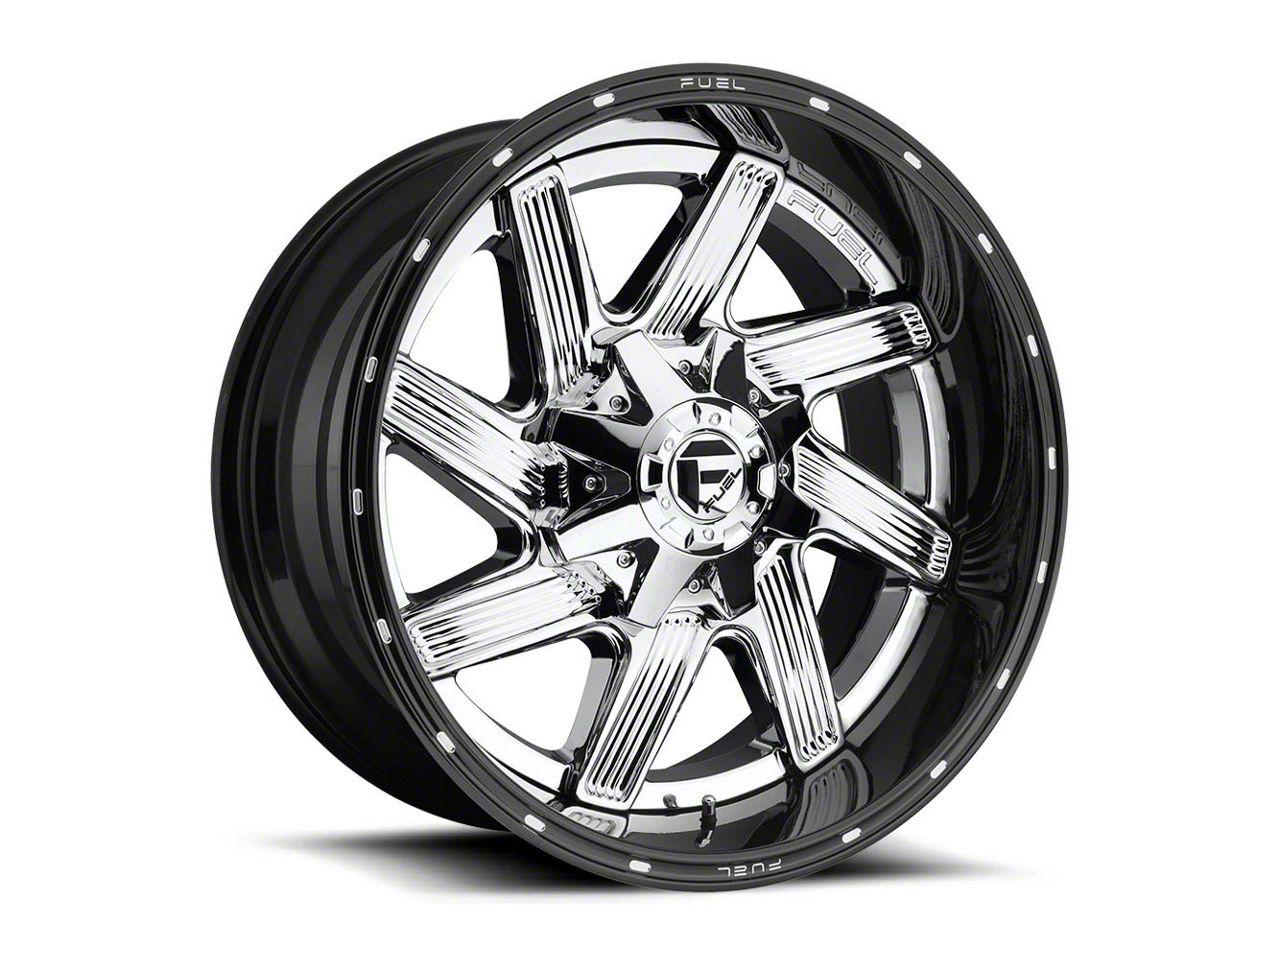 Fuel Wheels Moab Chrome 6-Lug Wheel - 22x14 (99-18 Silverado 1500)